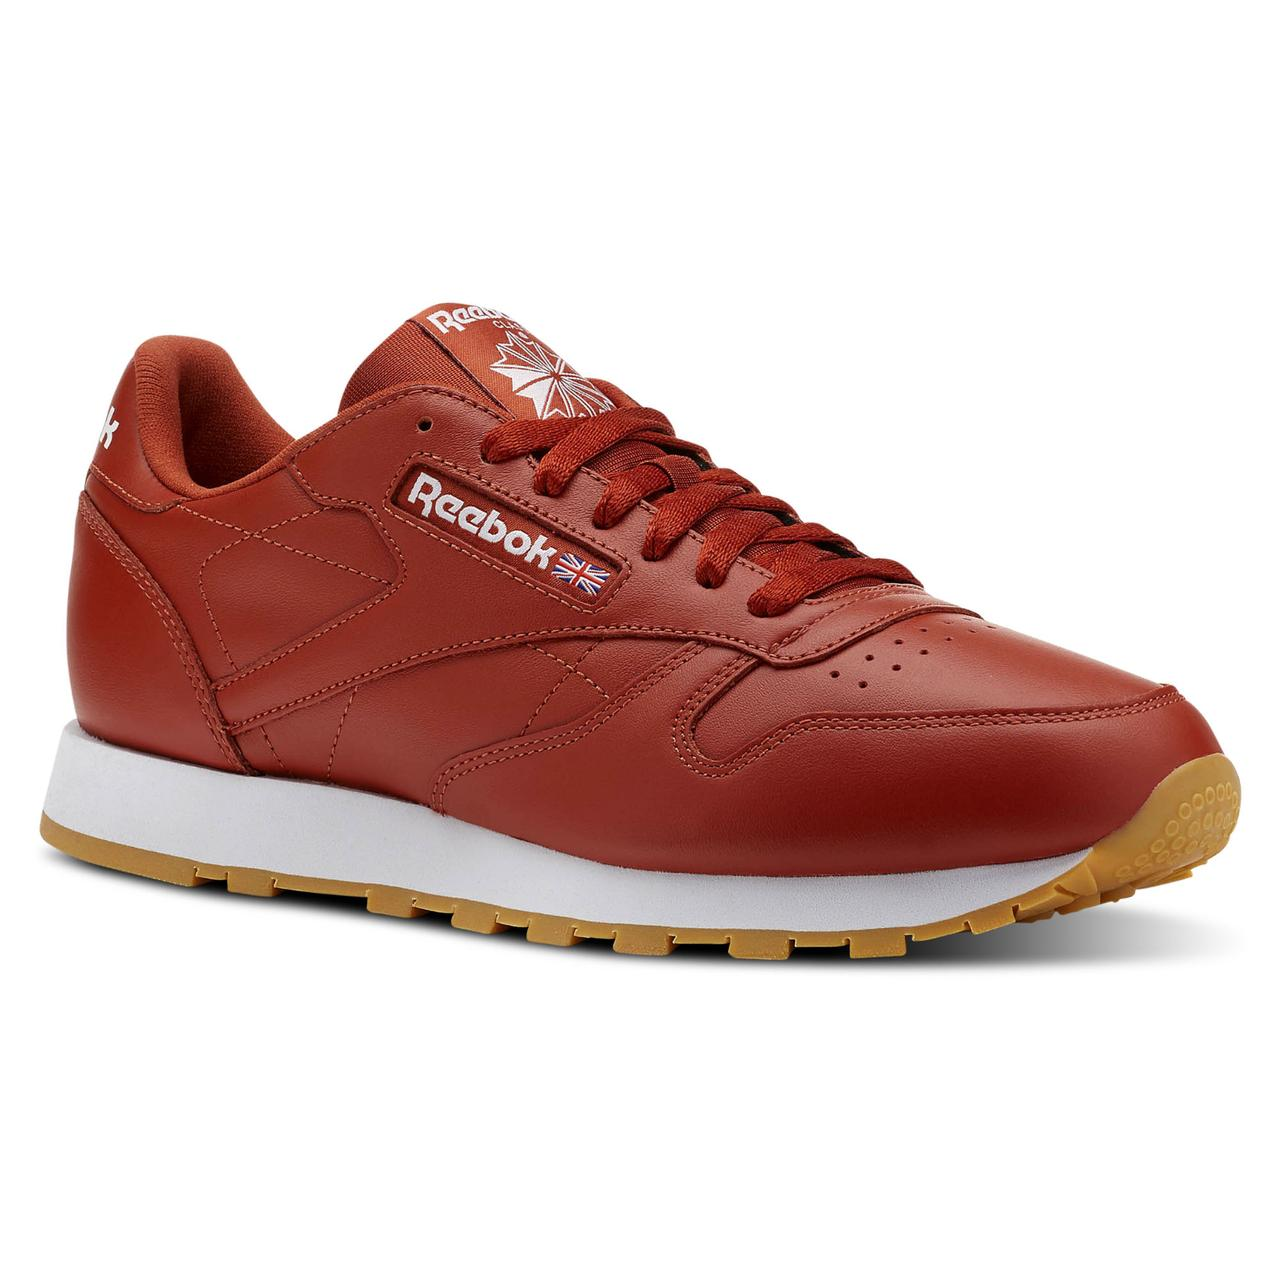 Мужские кроссовки Reebok Classic Leather (Артикул: CN5769)